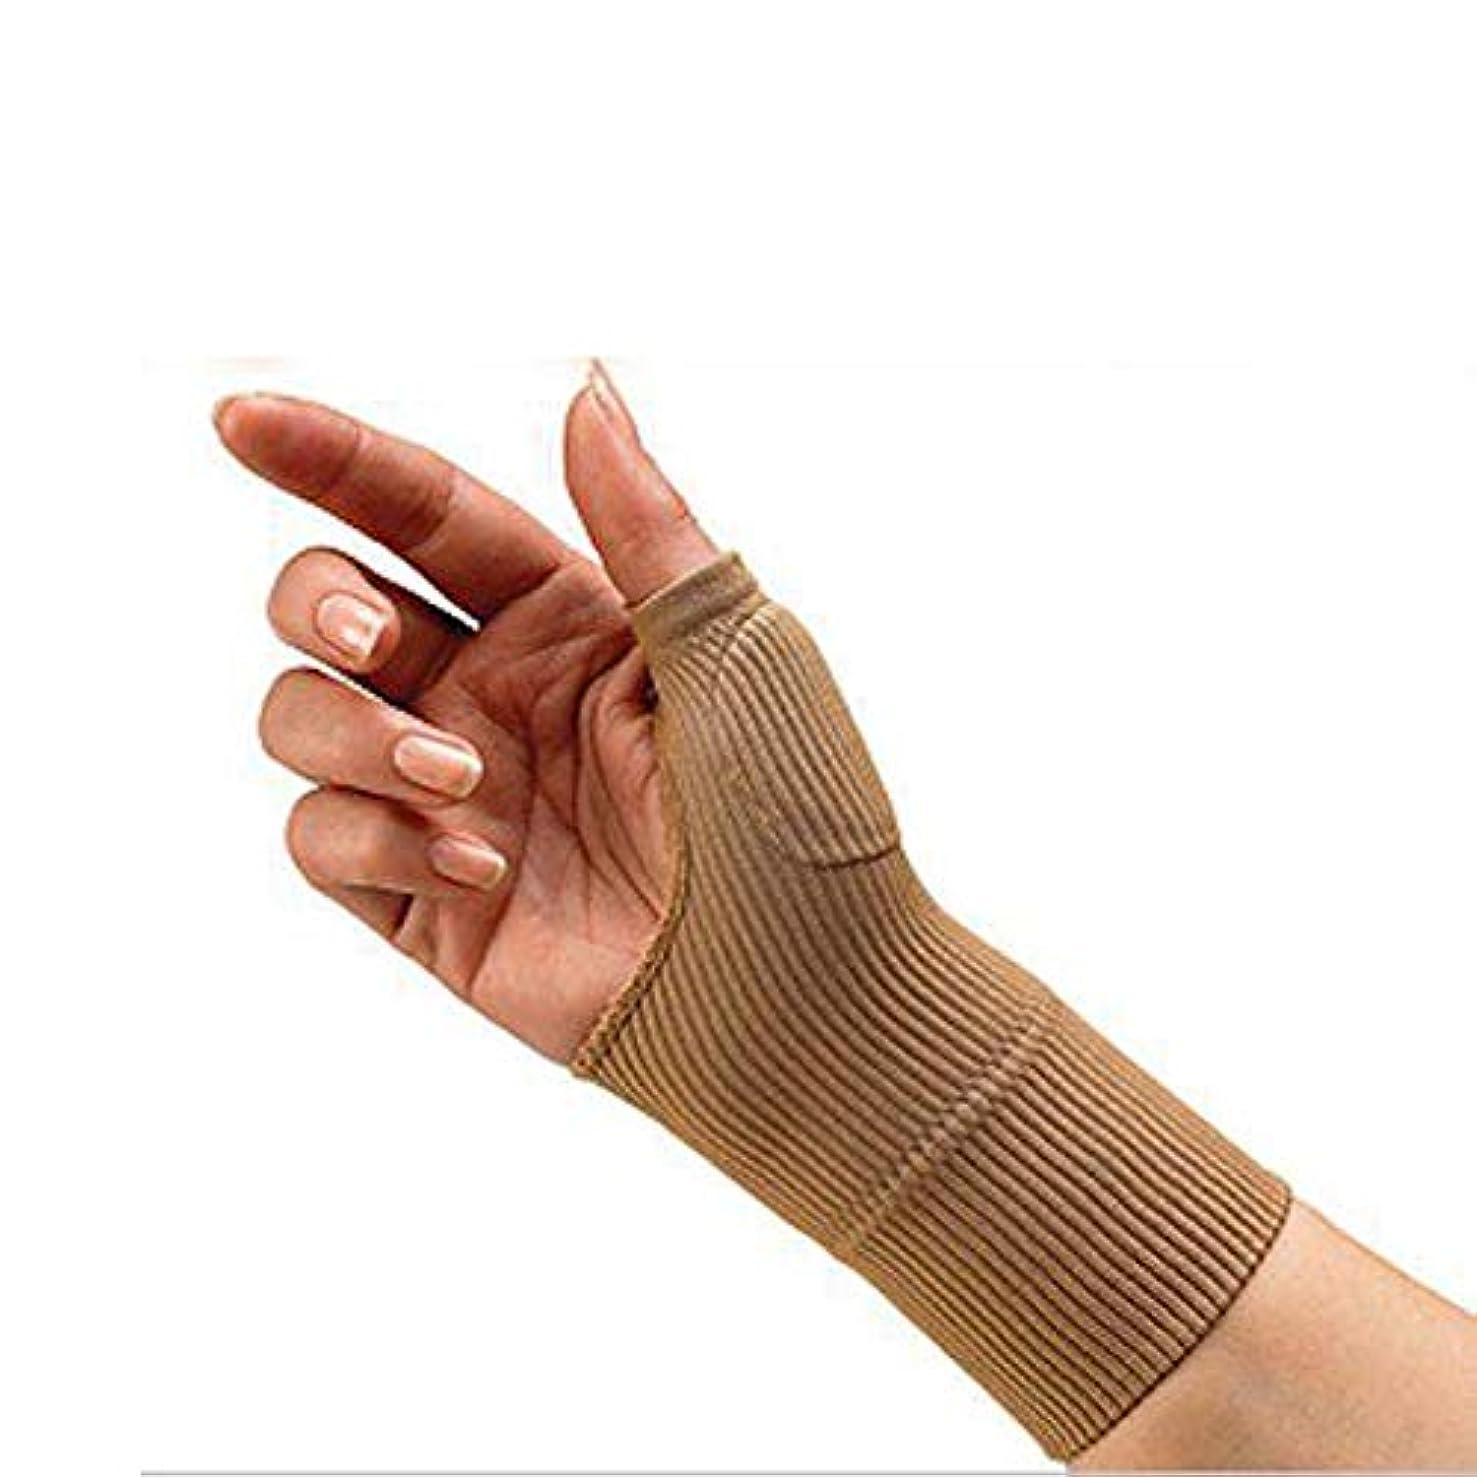 置くためにパック熱心な抑制男性の女性のためのソリッド手首ブレース手根管サポートハンドブレース手首のサポート包帯バンドベルトアウトドア手根管ハンドブレース